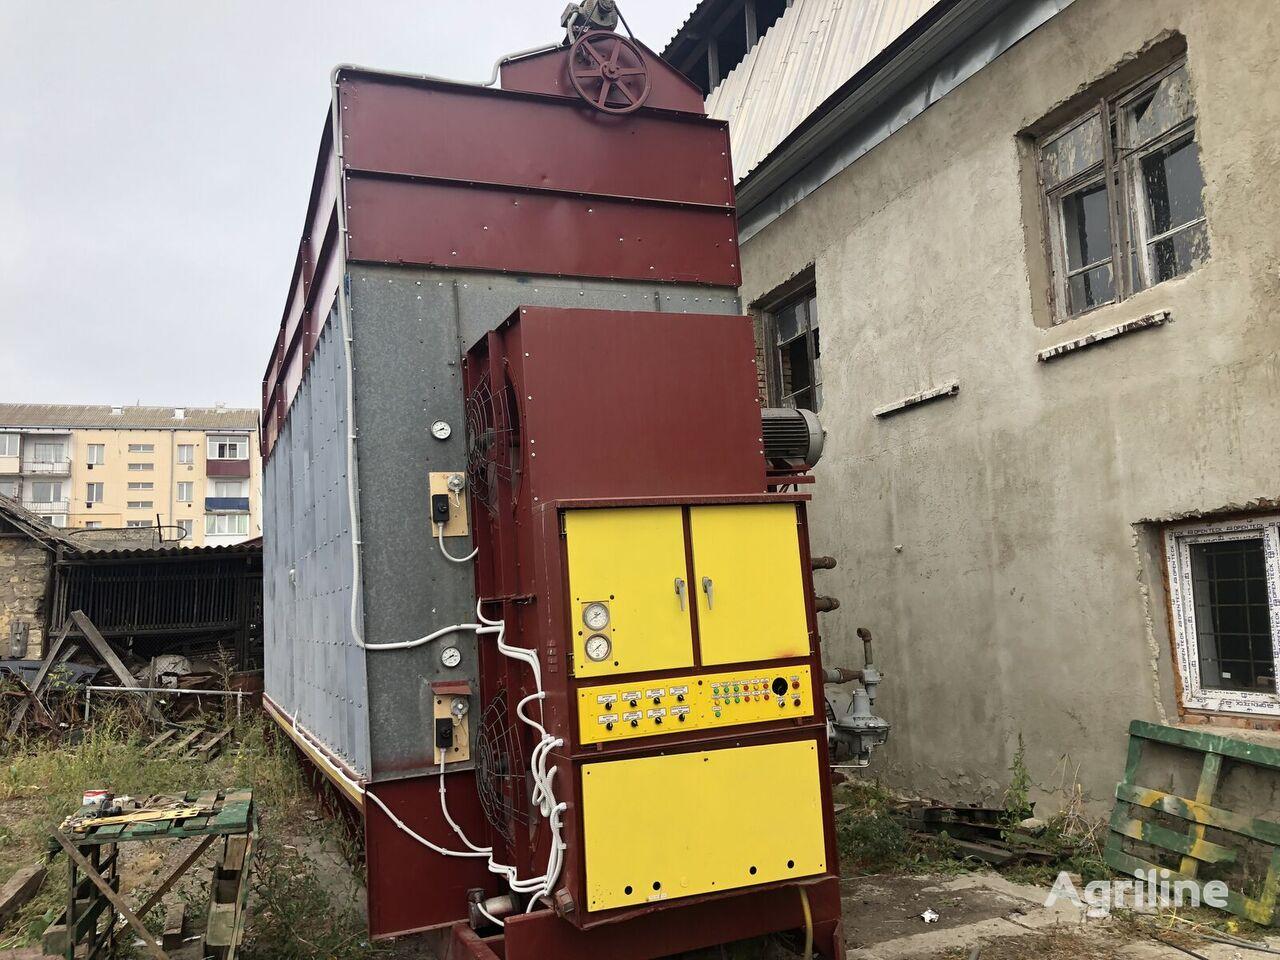 kuivatusseade MC 975 - 16 tonn v chas ( 10% ponizhenie vologi)